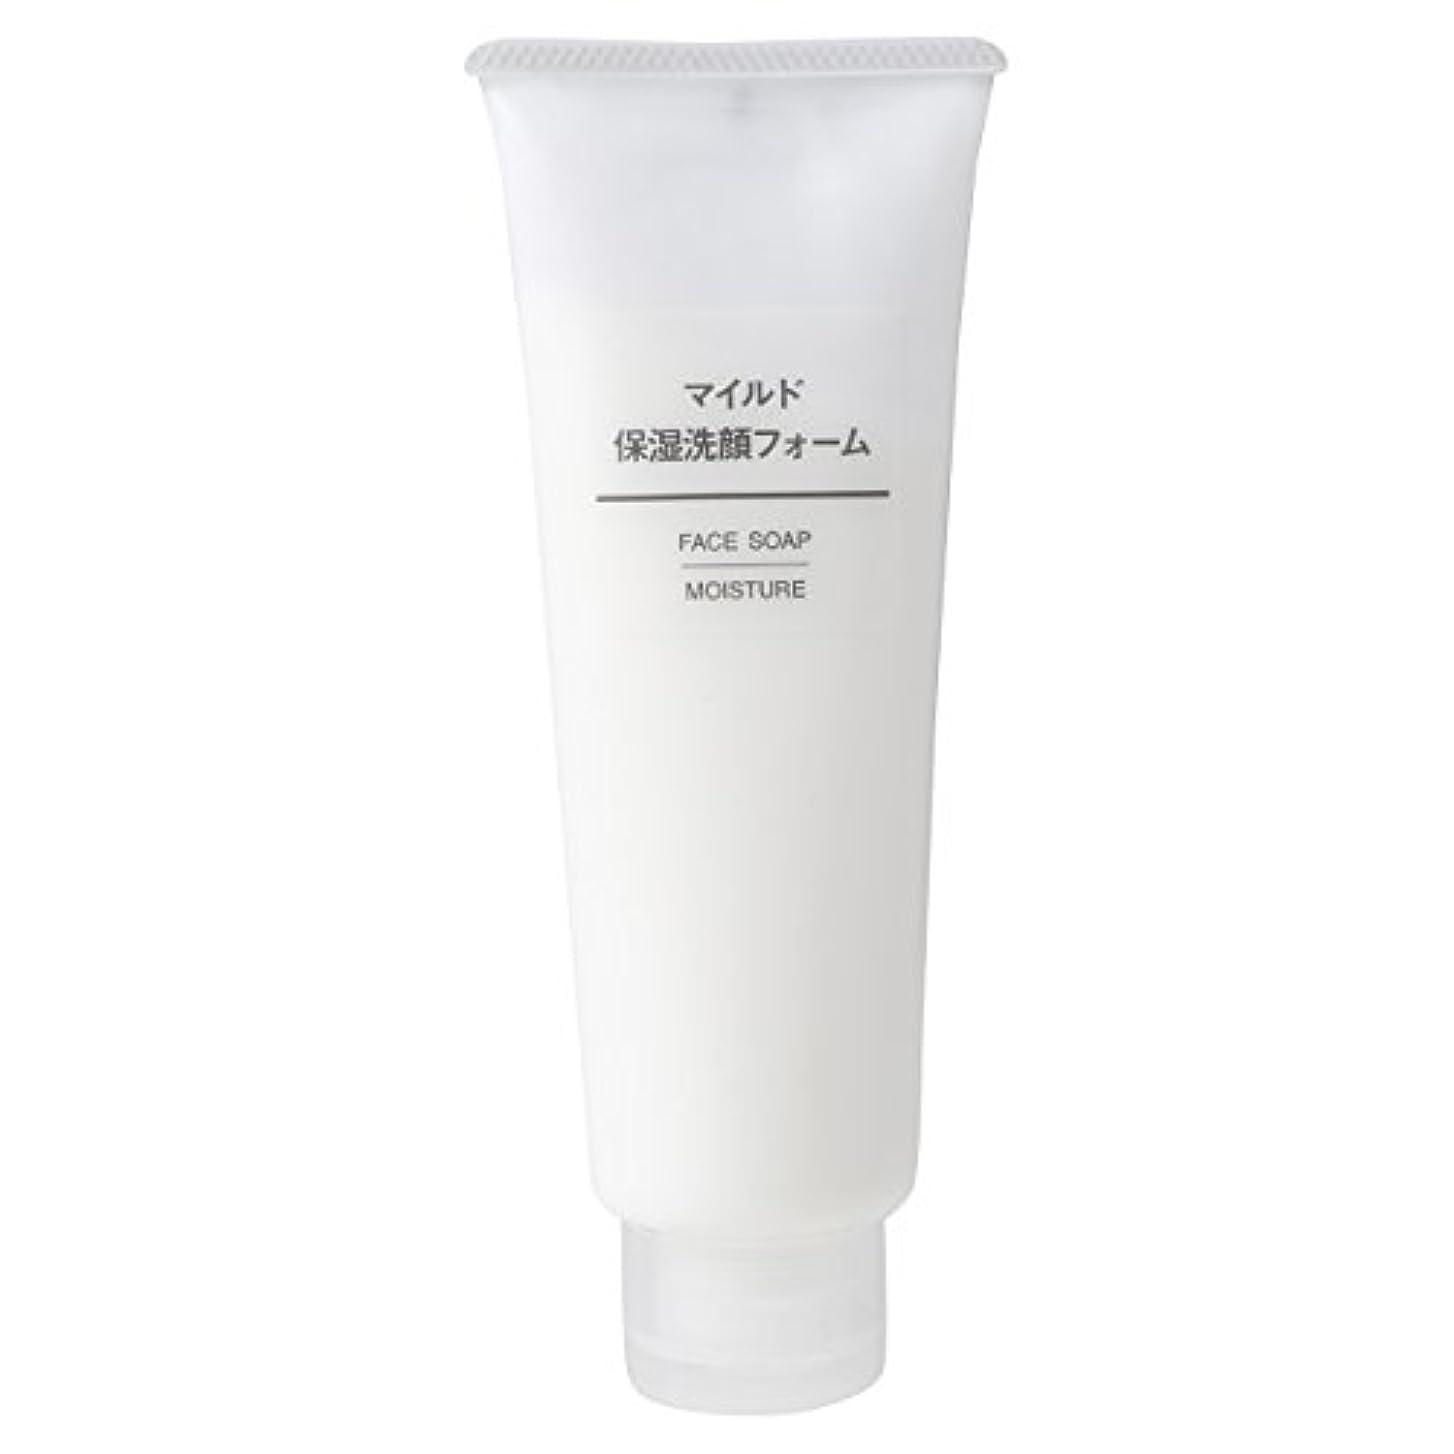 撤回する明確にイヤホン無印良品 マイルド保湿洗顔フォーム 120g